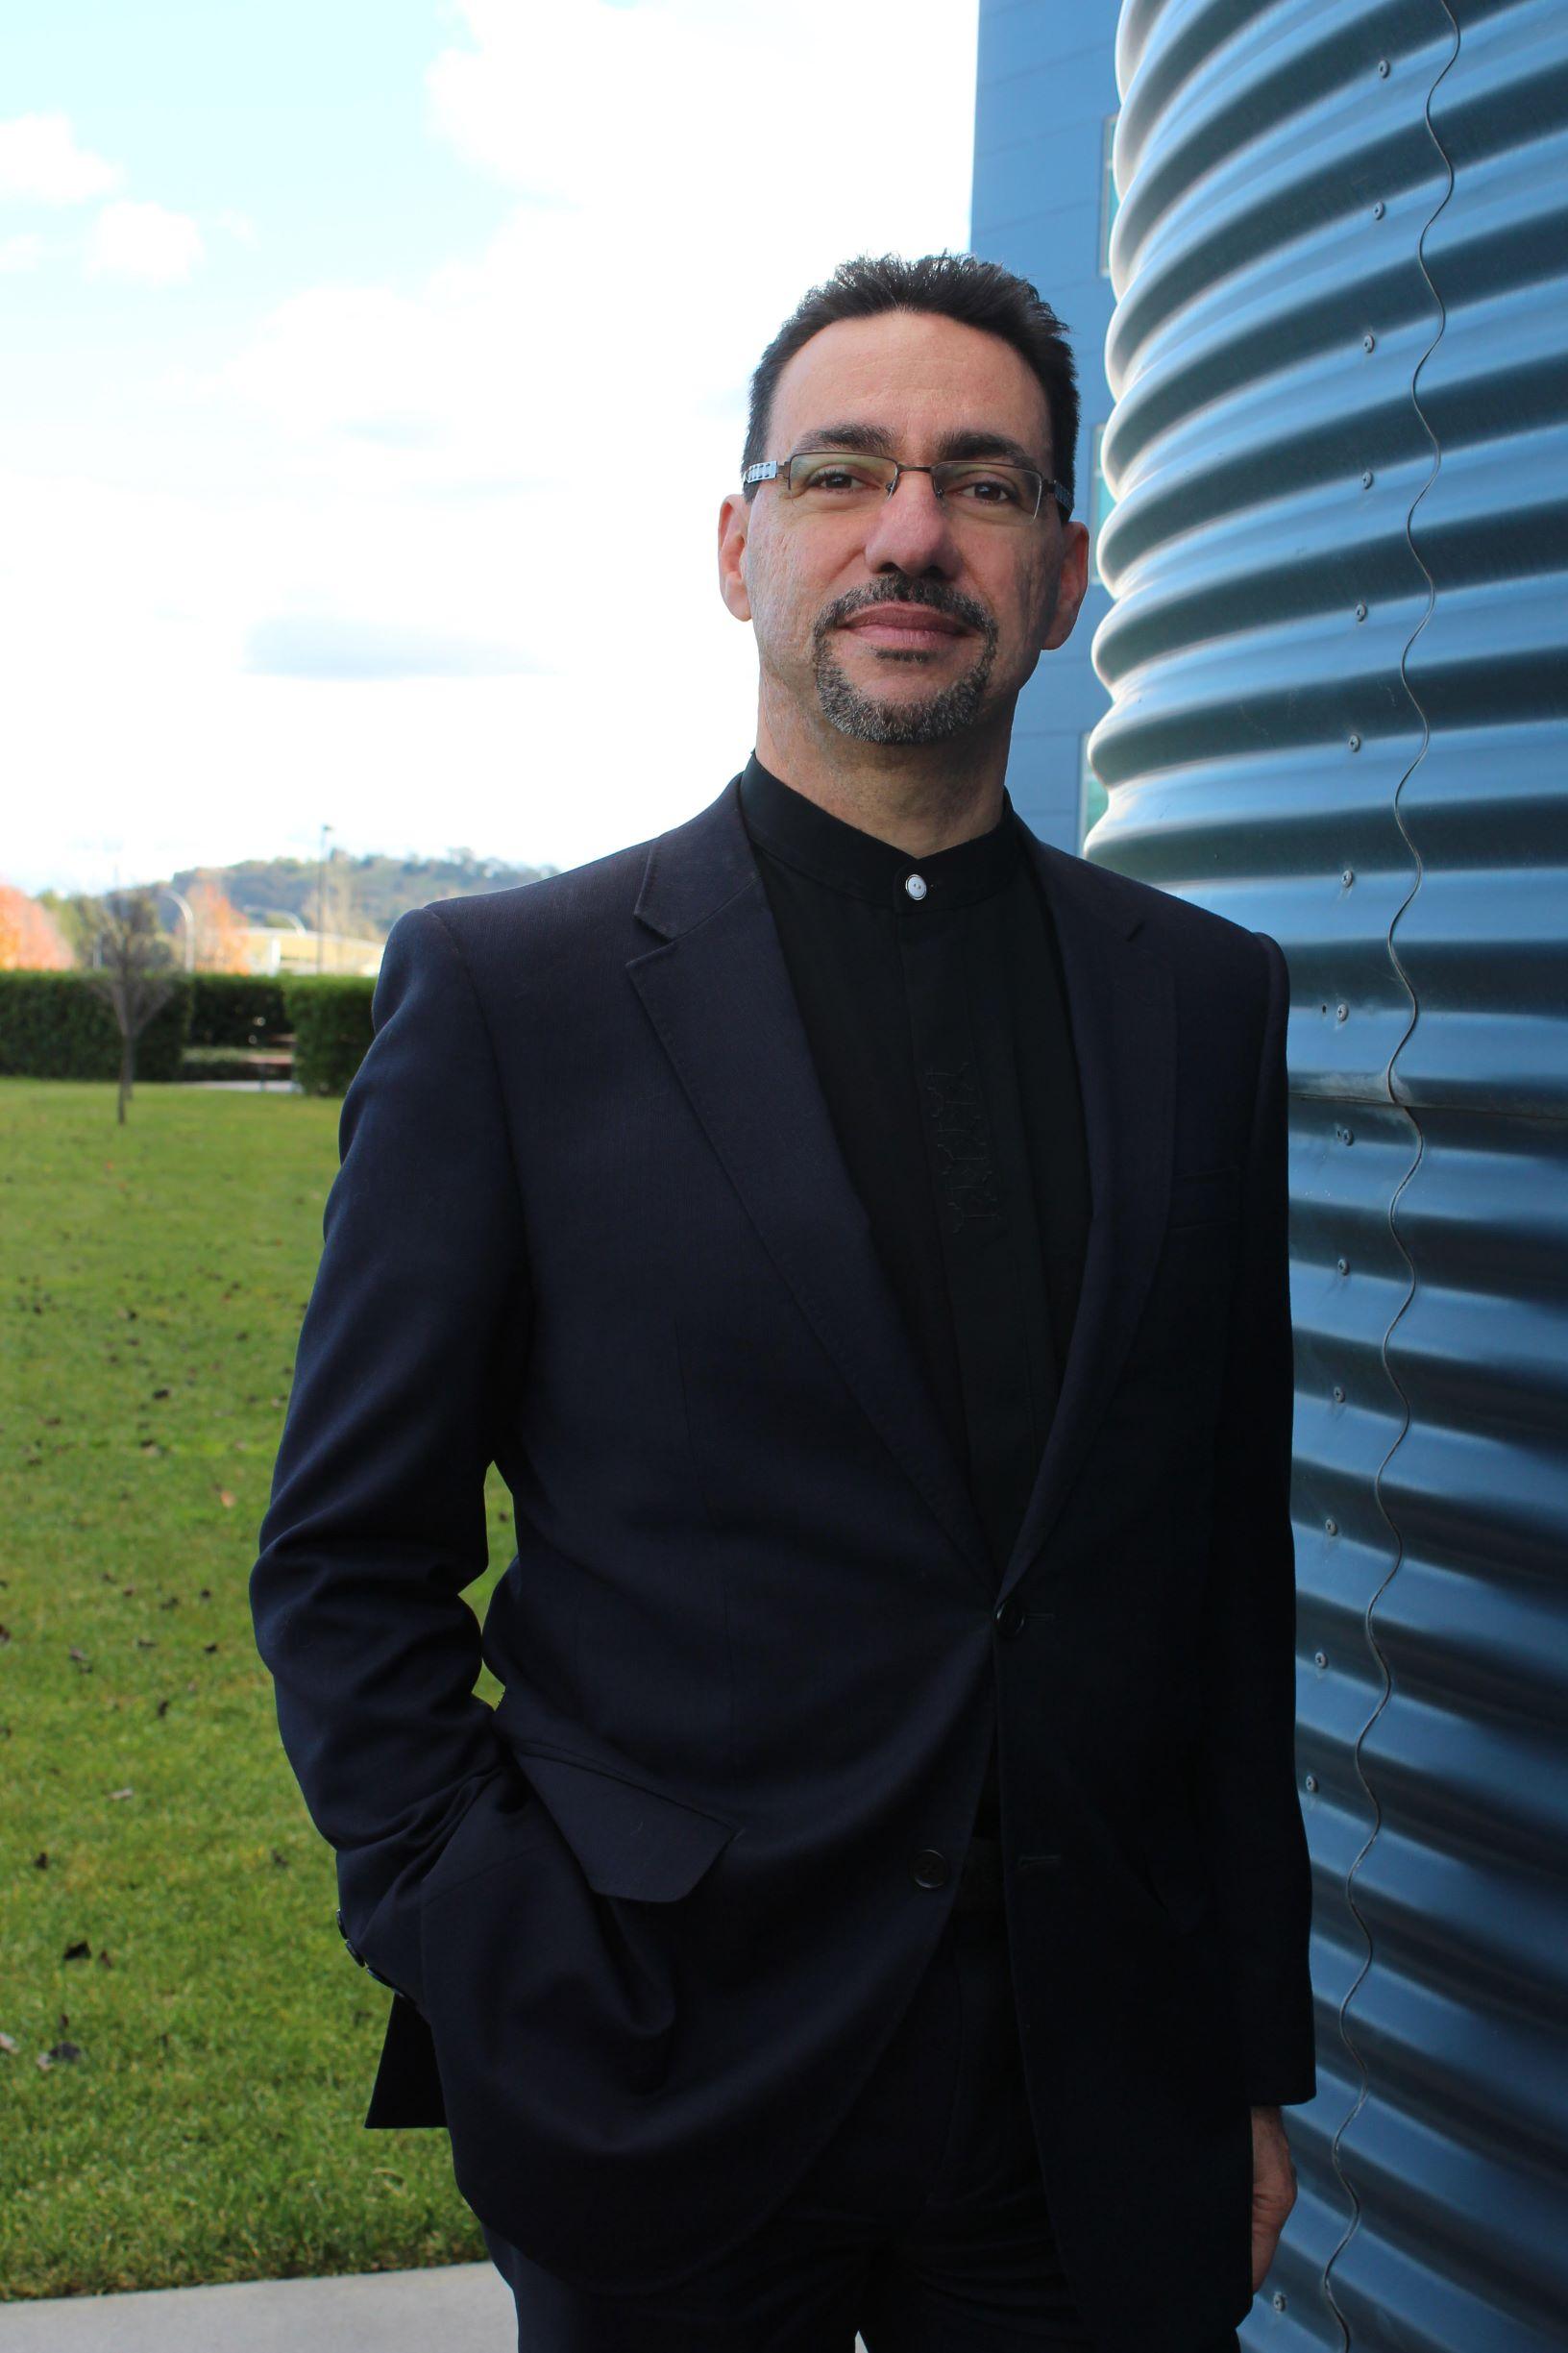 Profile Image - Andrew Lizzio